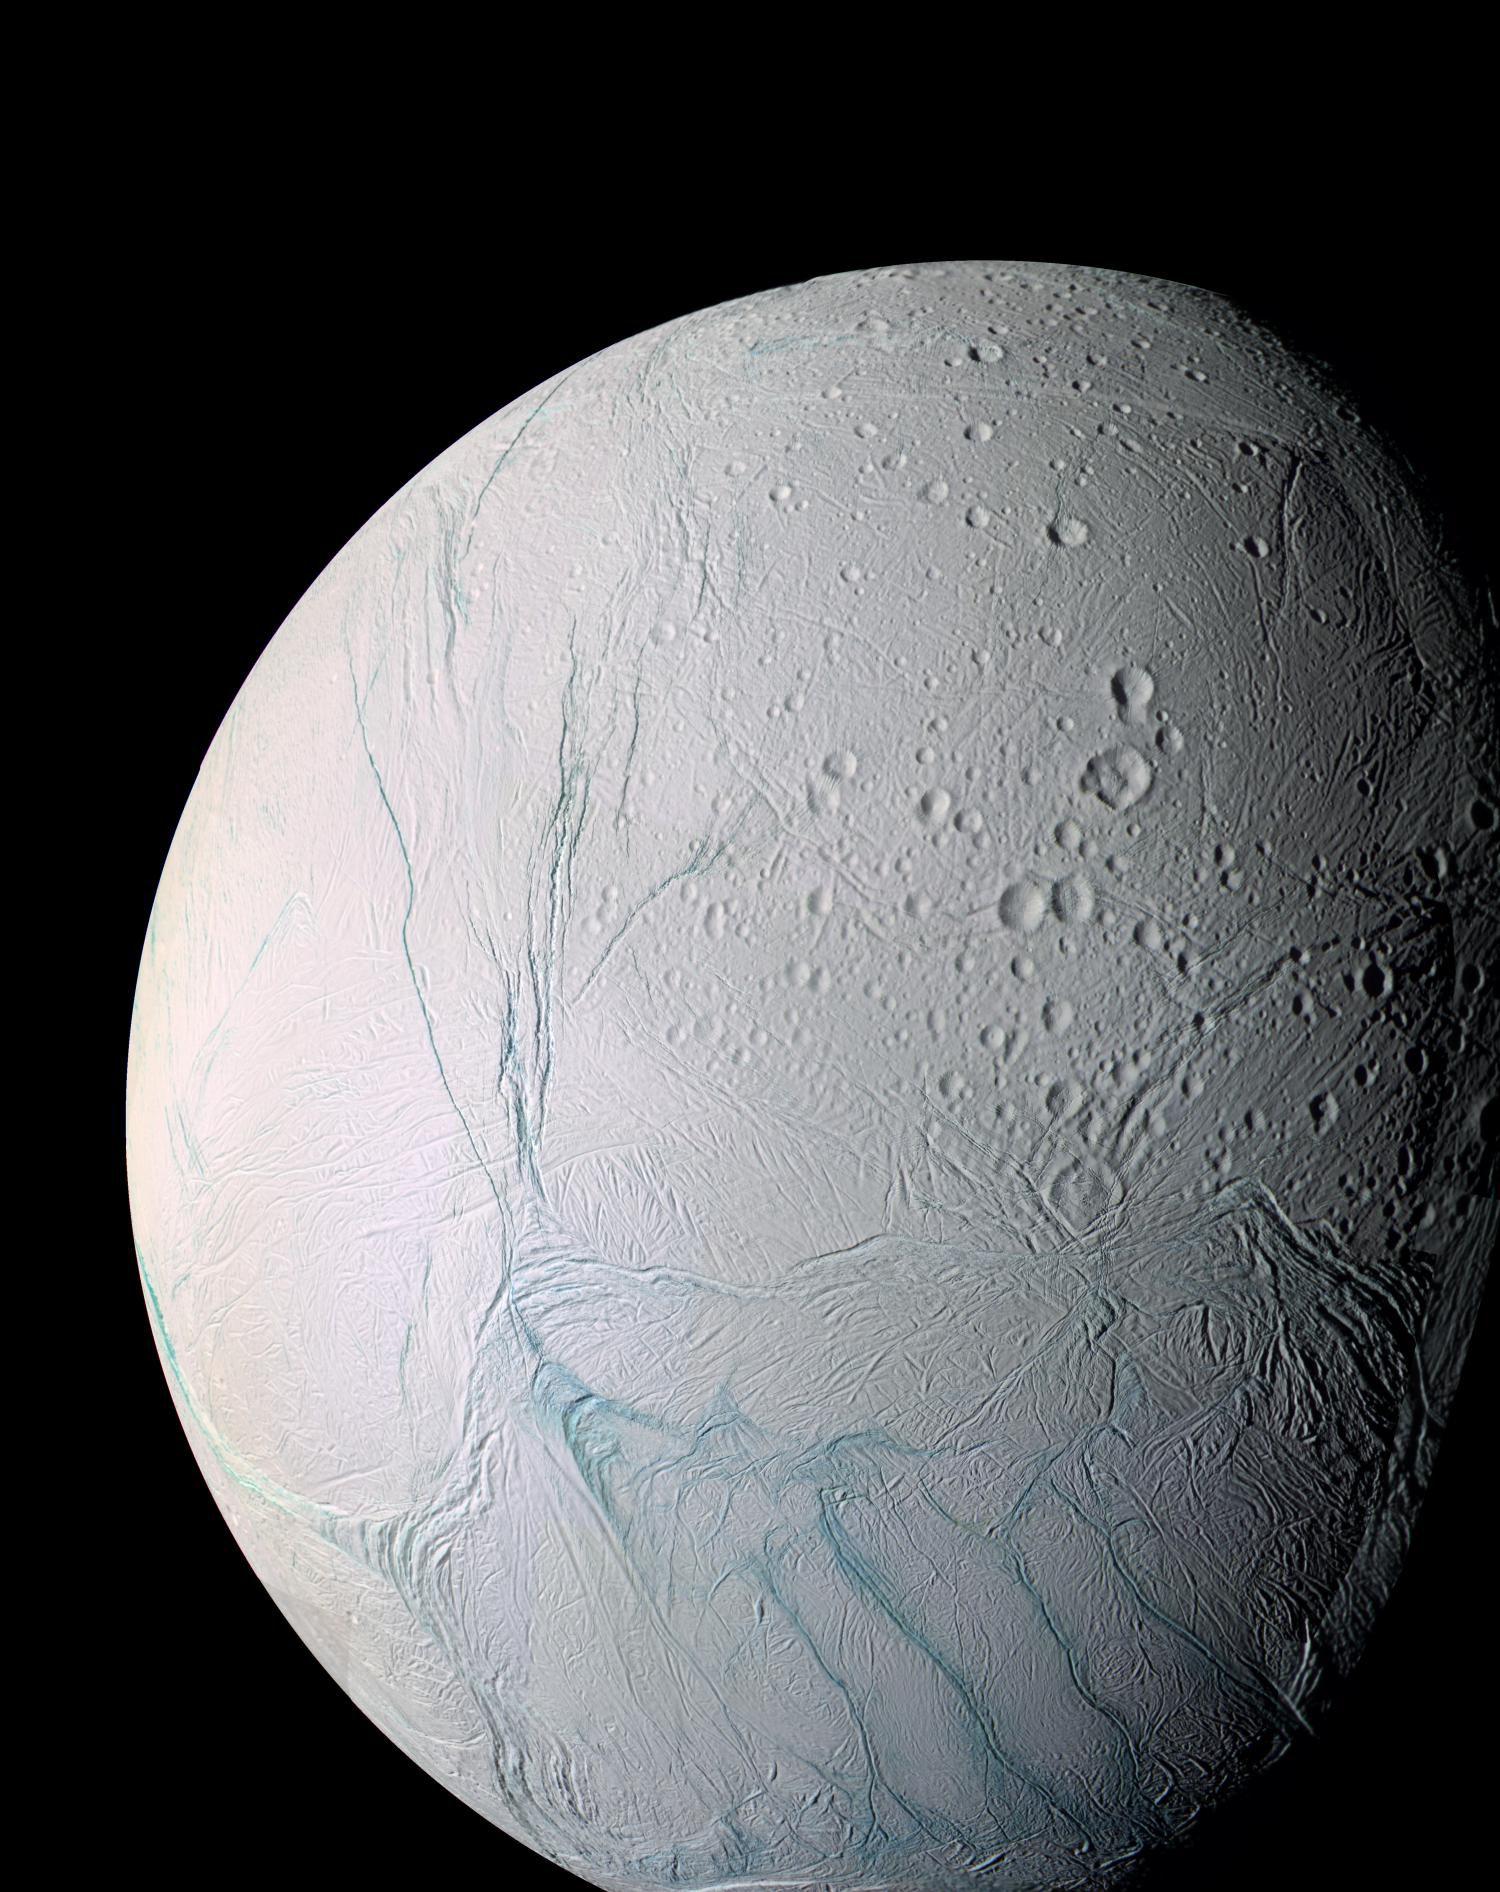 Столкновение састероидом заставило Энцелад крутиться набоку— НАСА